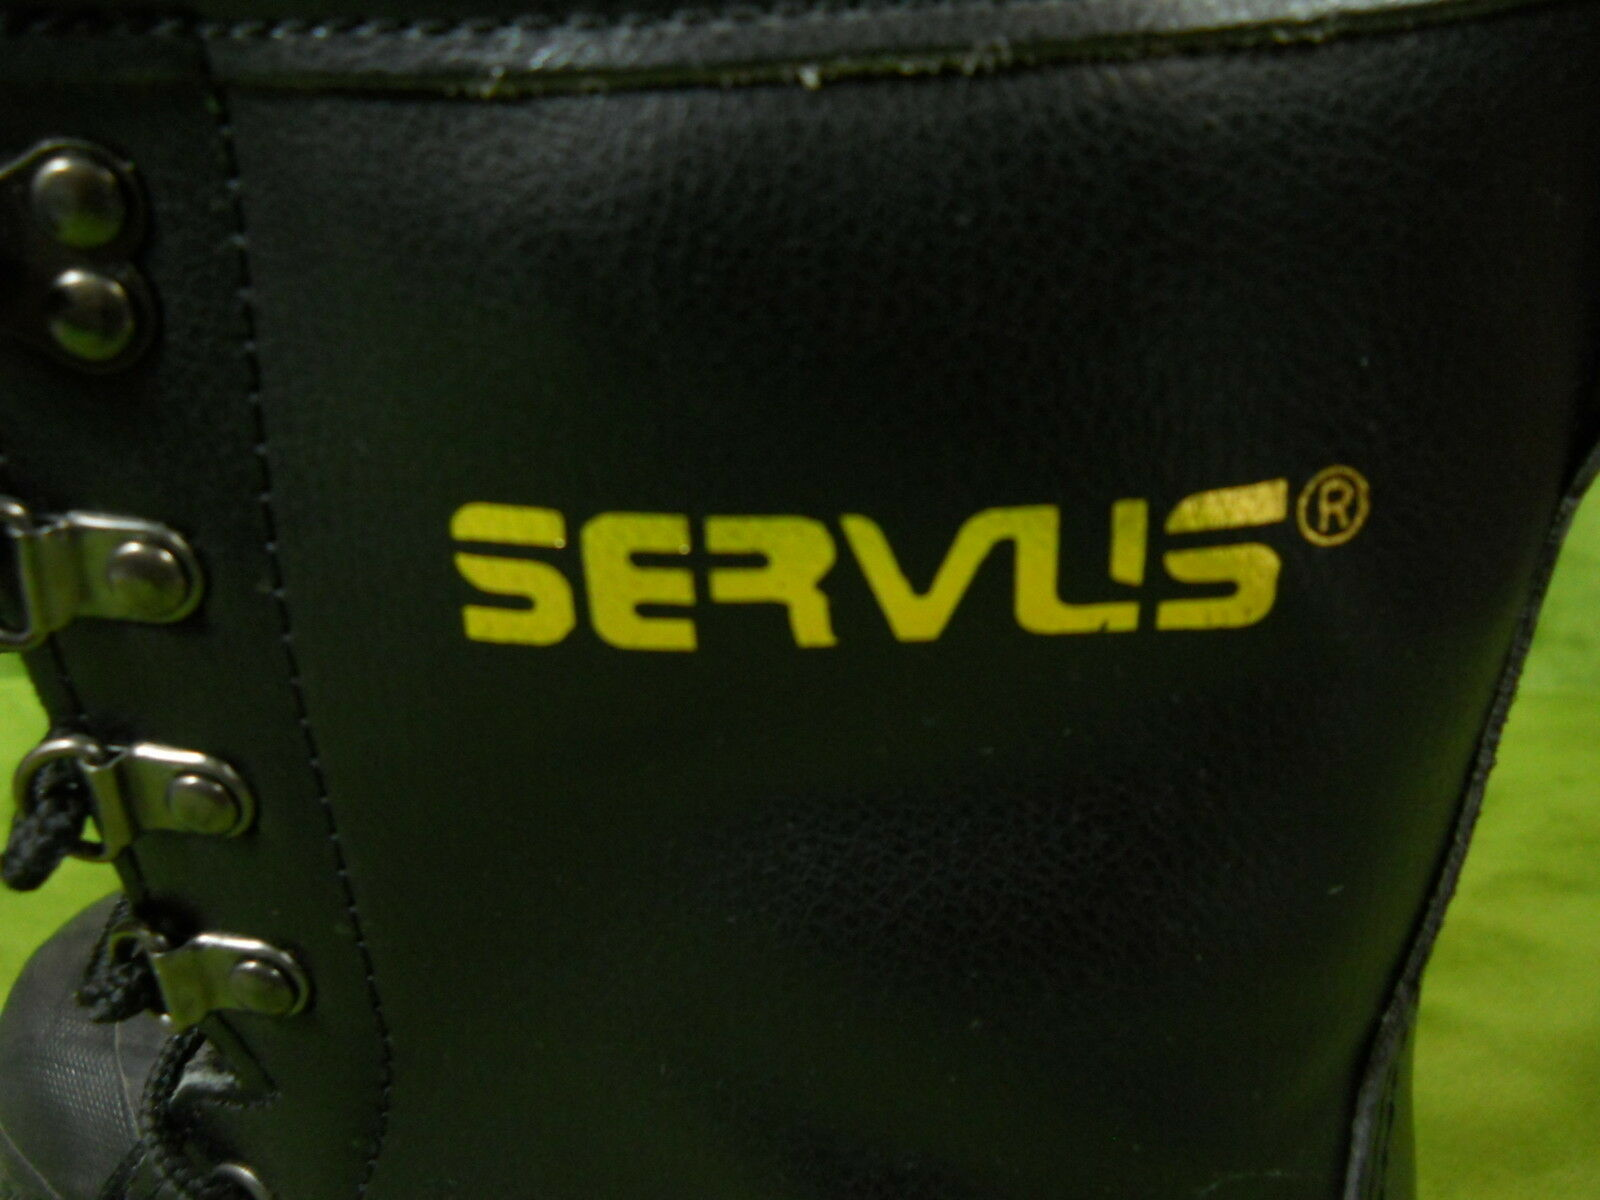 Servus Botas 7 para hombre 7 Botas Negro aislados vástago de acero de trabajo de seguridad contra incendios 424546